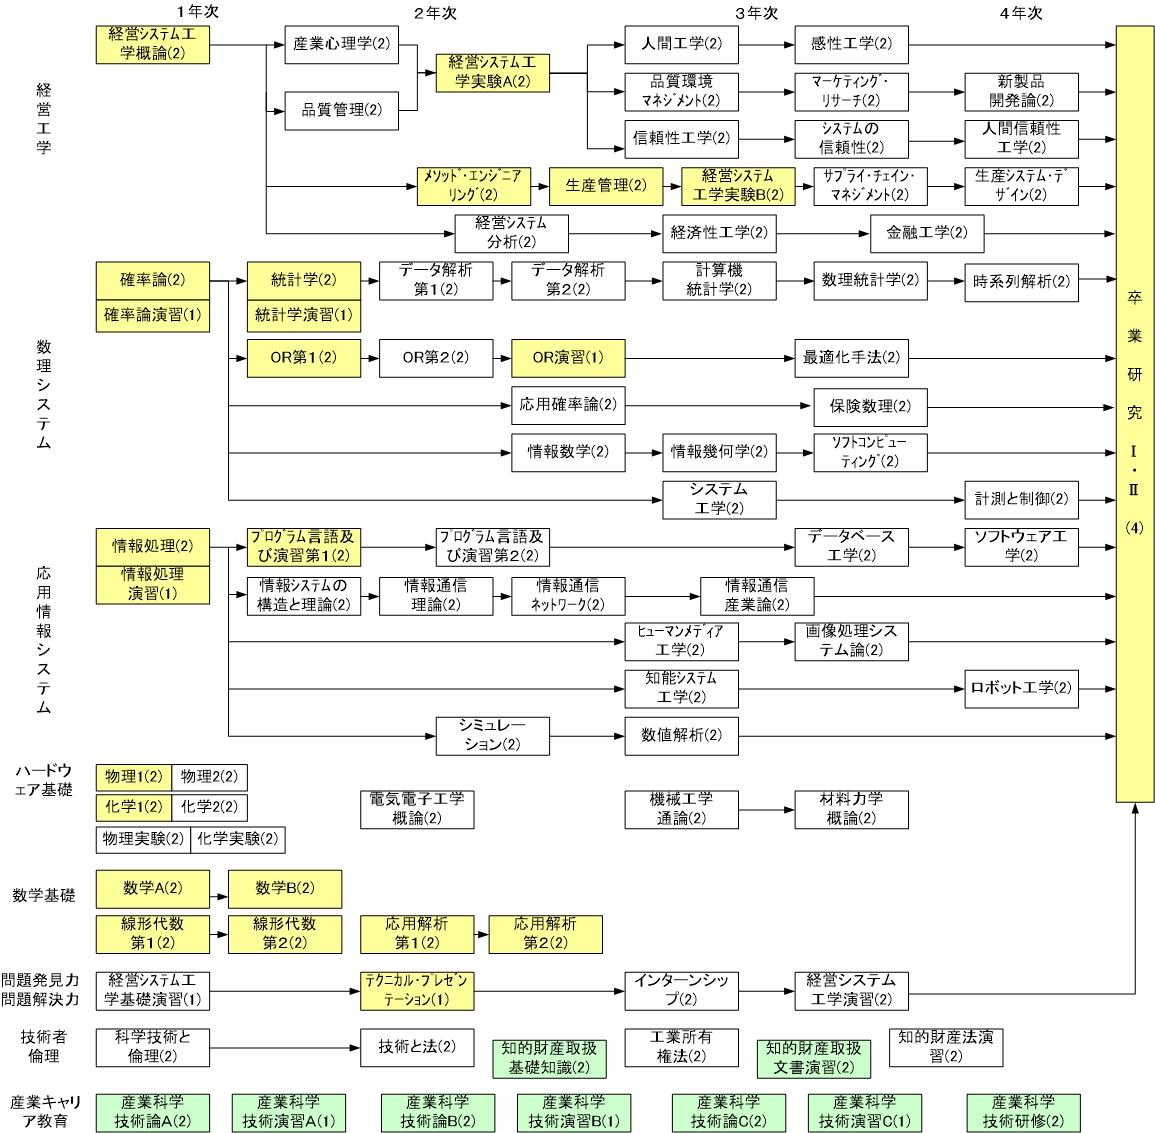 中央大学 理工学部 経営システム工学科授業内容・シラバス